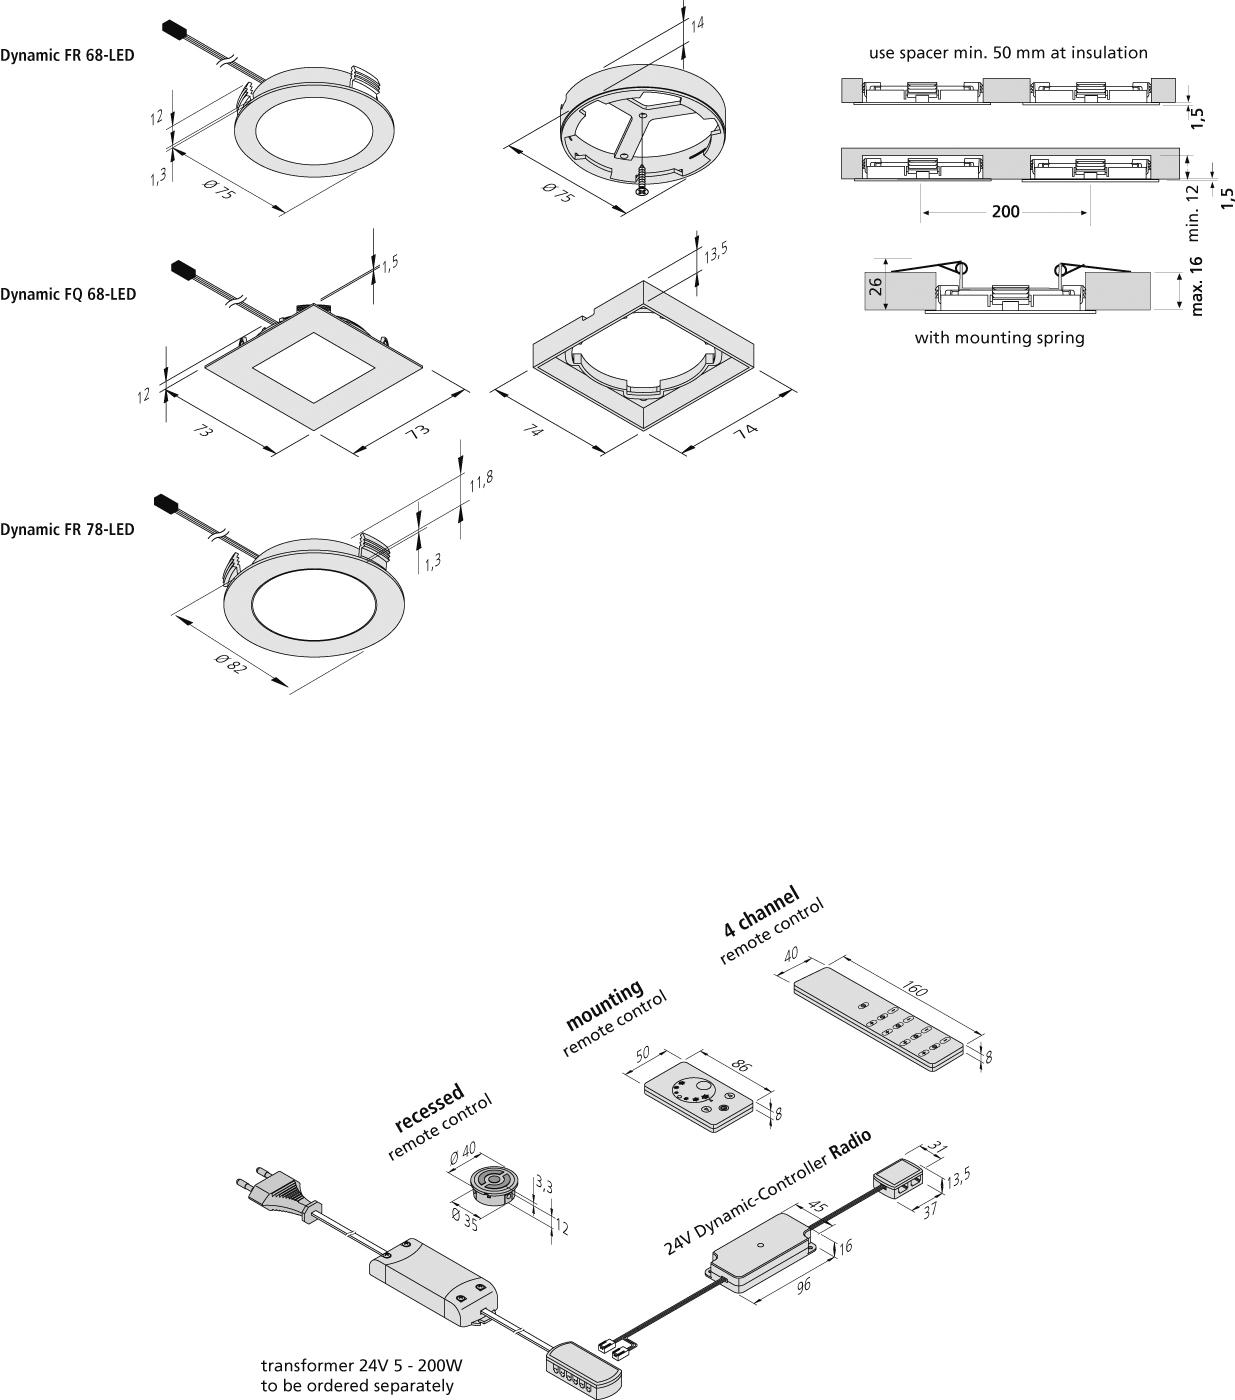 Anteprima: Dynamic-FR-68-LED_vec_en